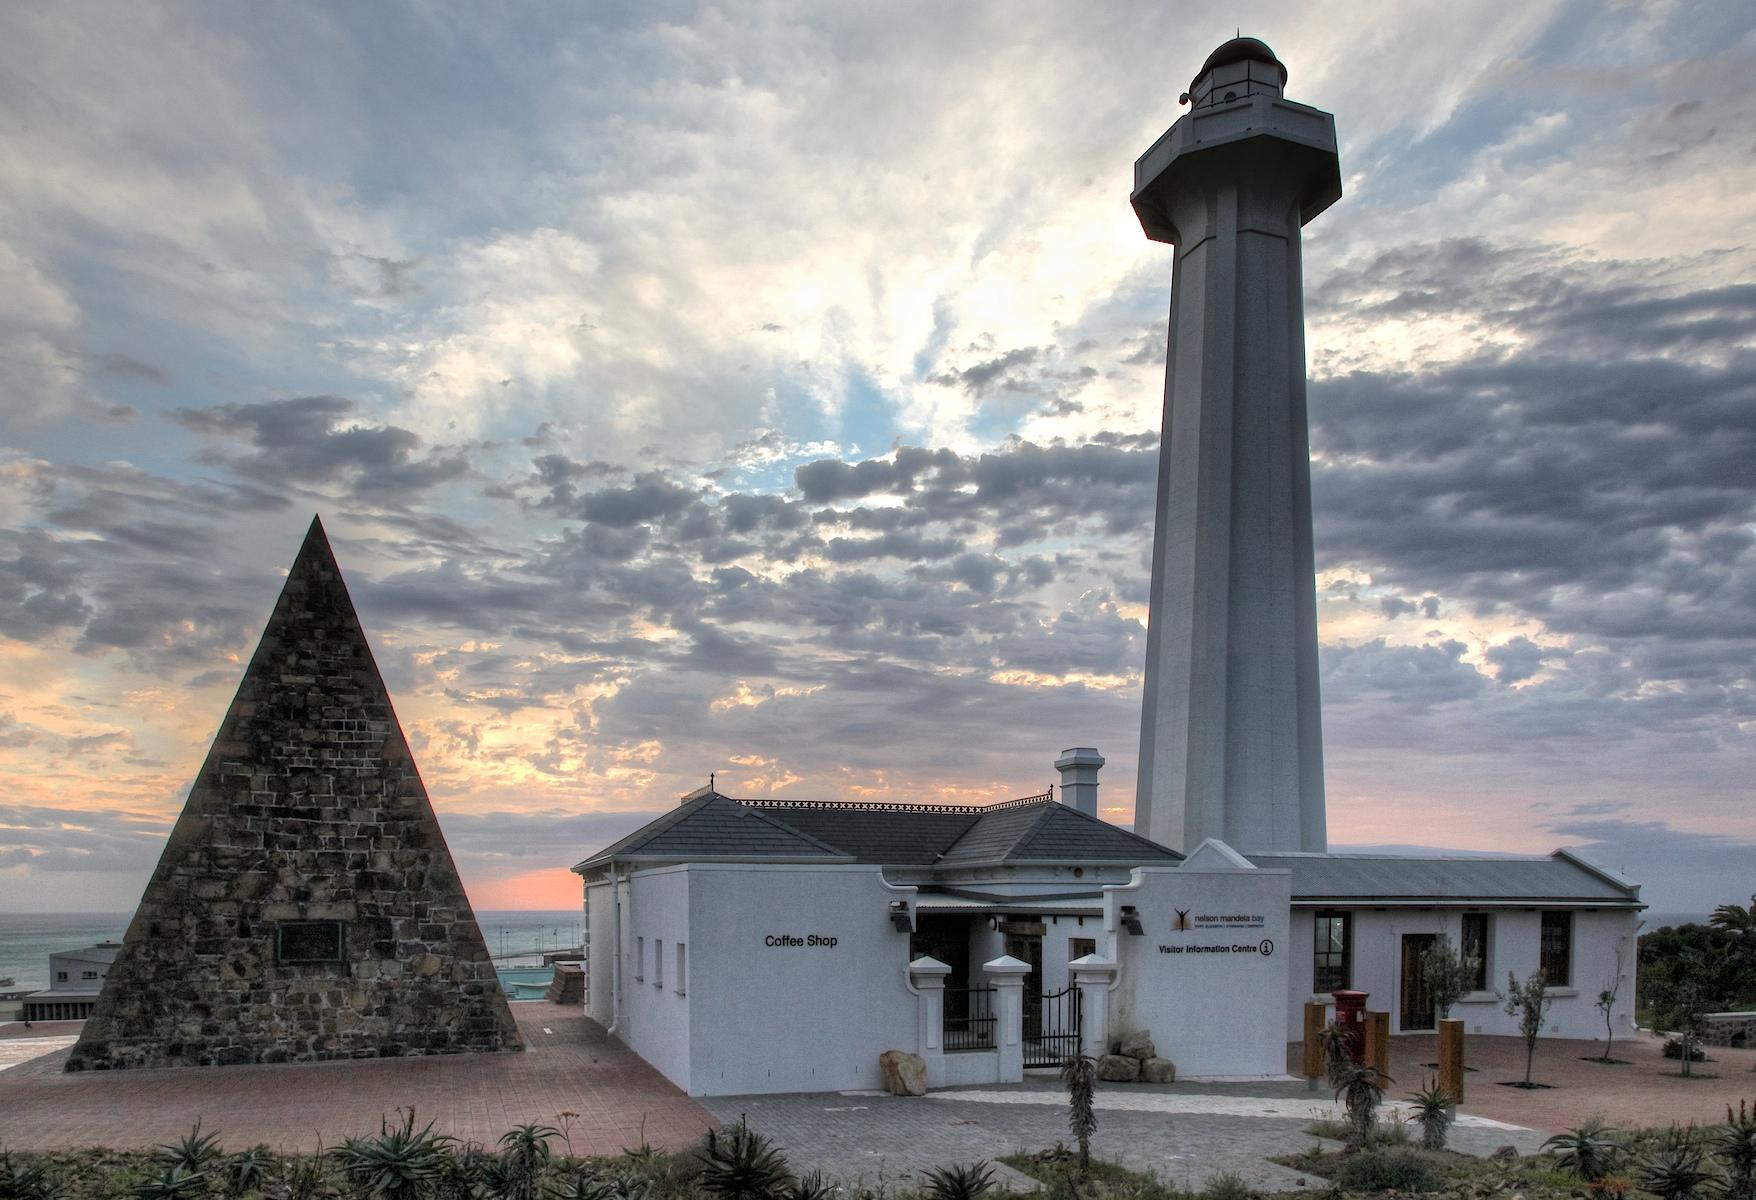 File:Donkin Reserve Port Elizabeth.